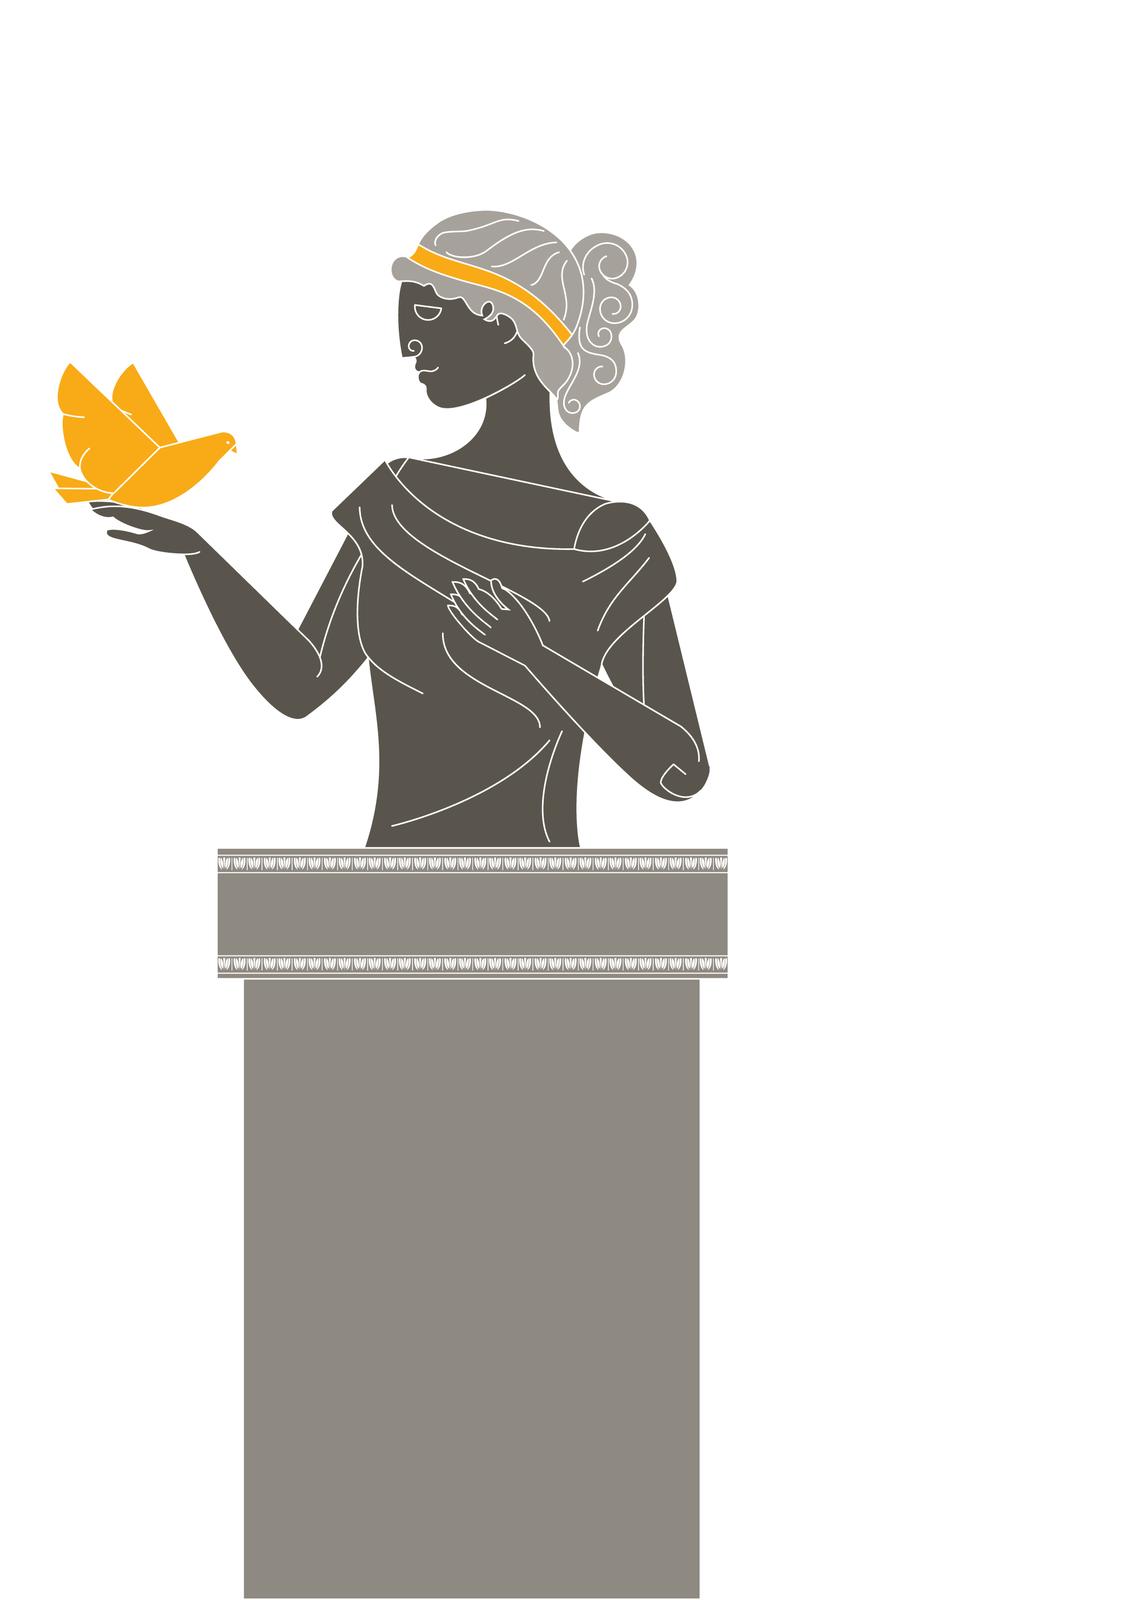 Według mitów zmorskiej piany narodziła się piękna Afrodyta – bogini miłości iurody. Podróżowała wozem zaprzężonym wgołębie Według mitów zmorskiej piany narodziła się piękna Afrodyta – bogini miłości iurody. Podróżowała wozem zaprzężonym wgołębie Źródło: Contentplus.pl sp. zo.o..